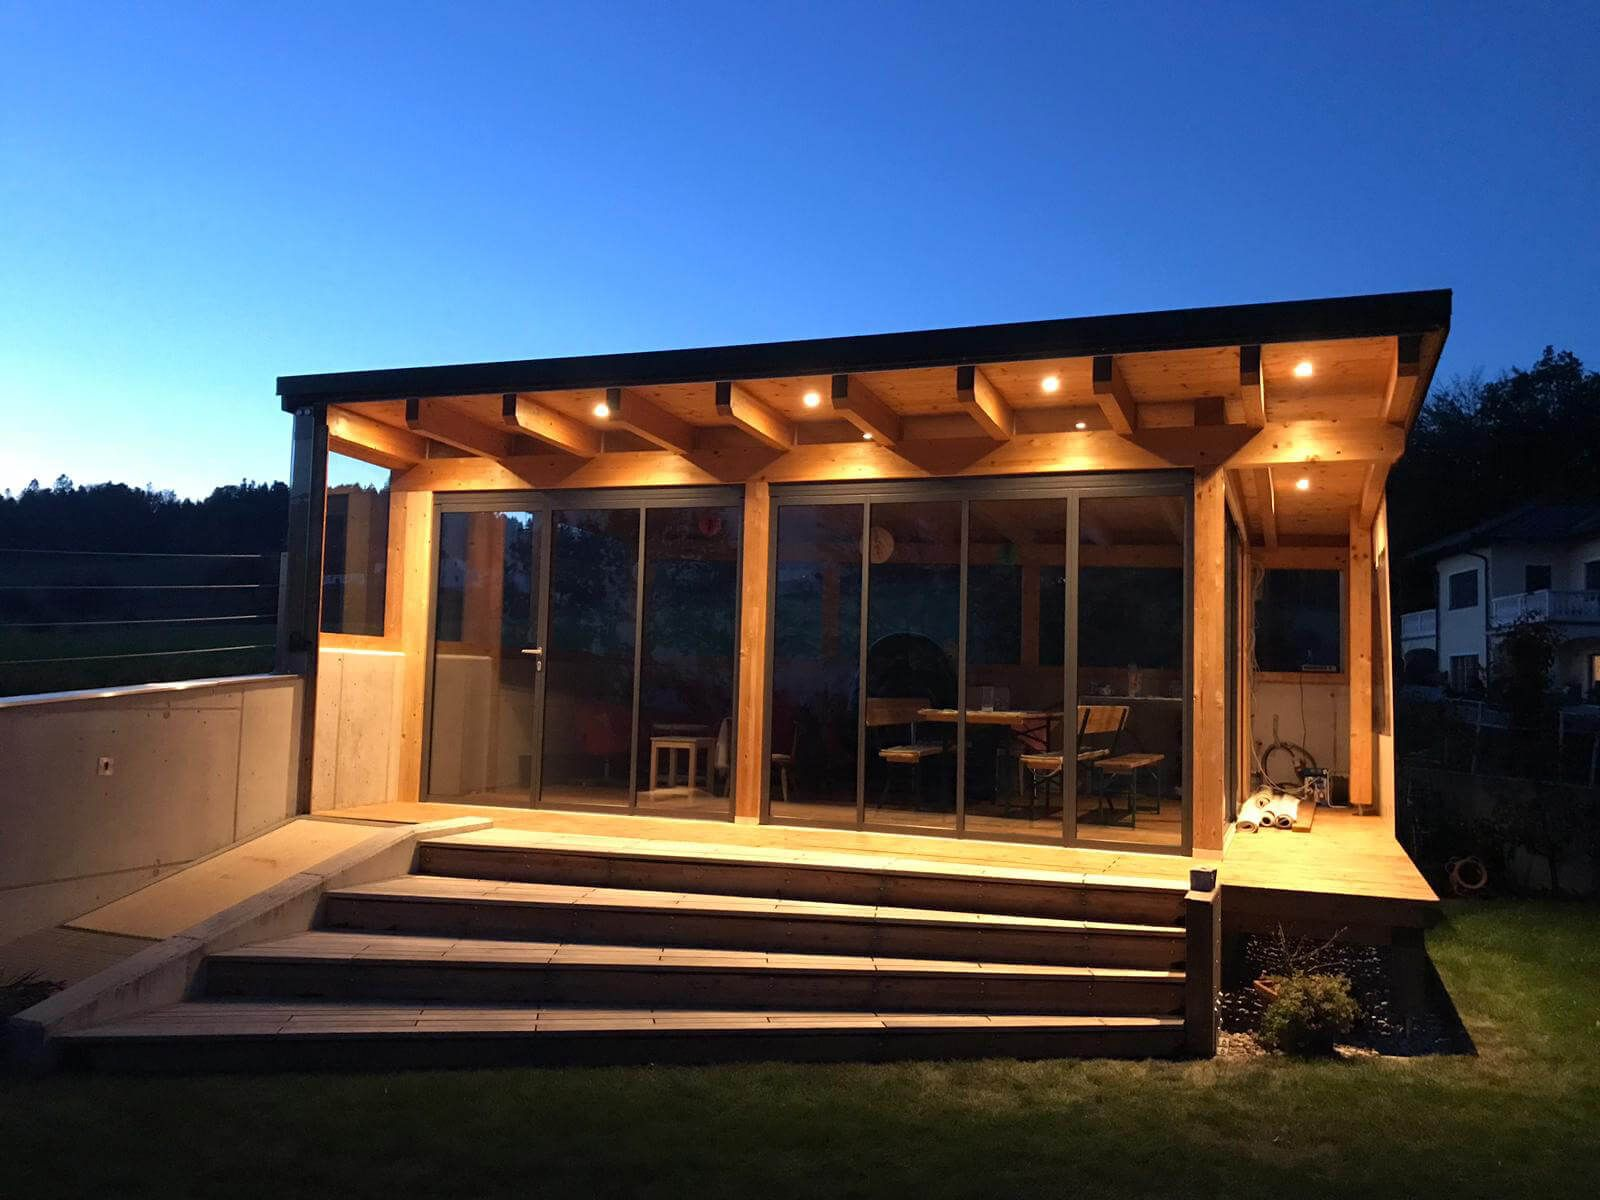 Anbau Gartenhaus mit GlasFaltwänden Anbau gartenhaus